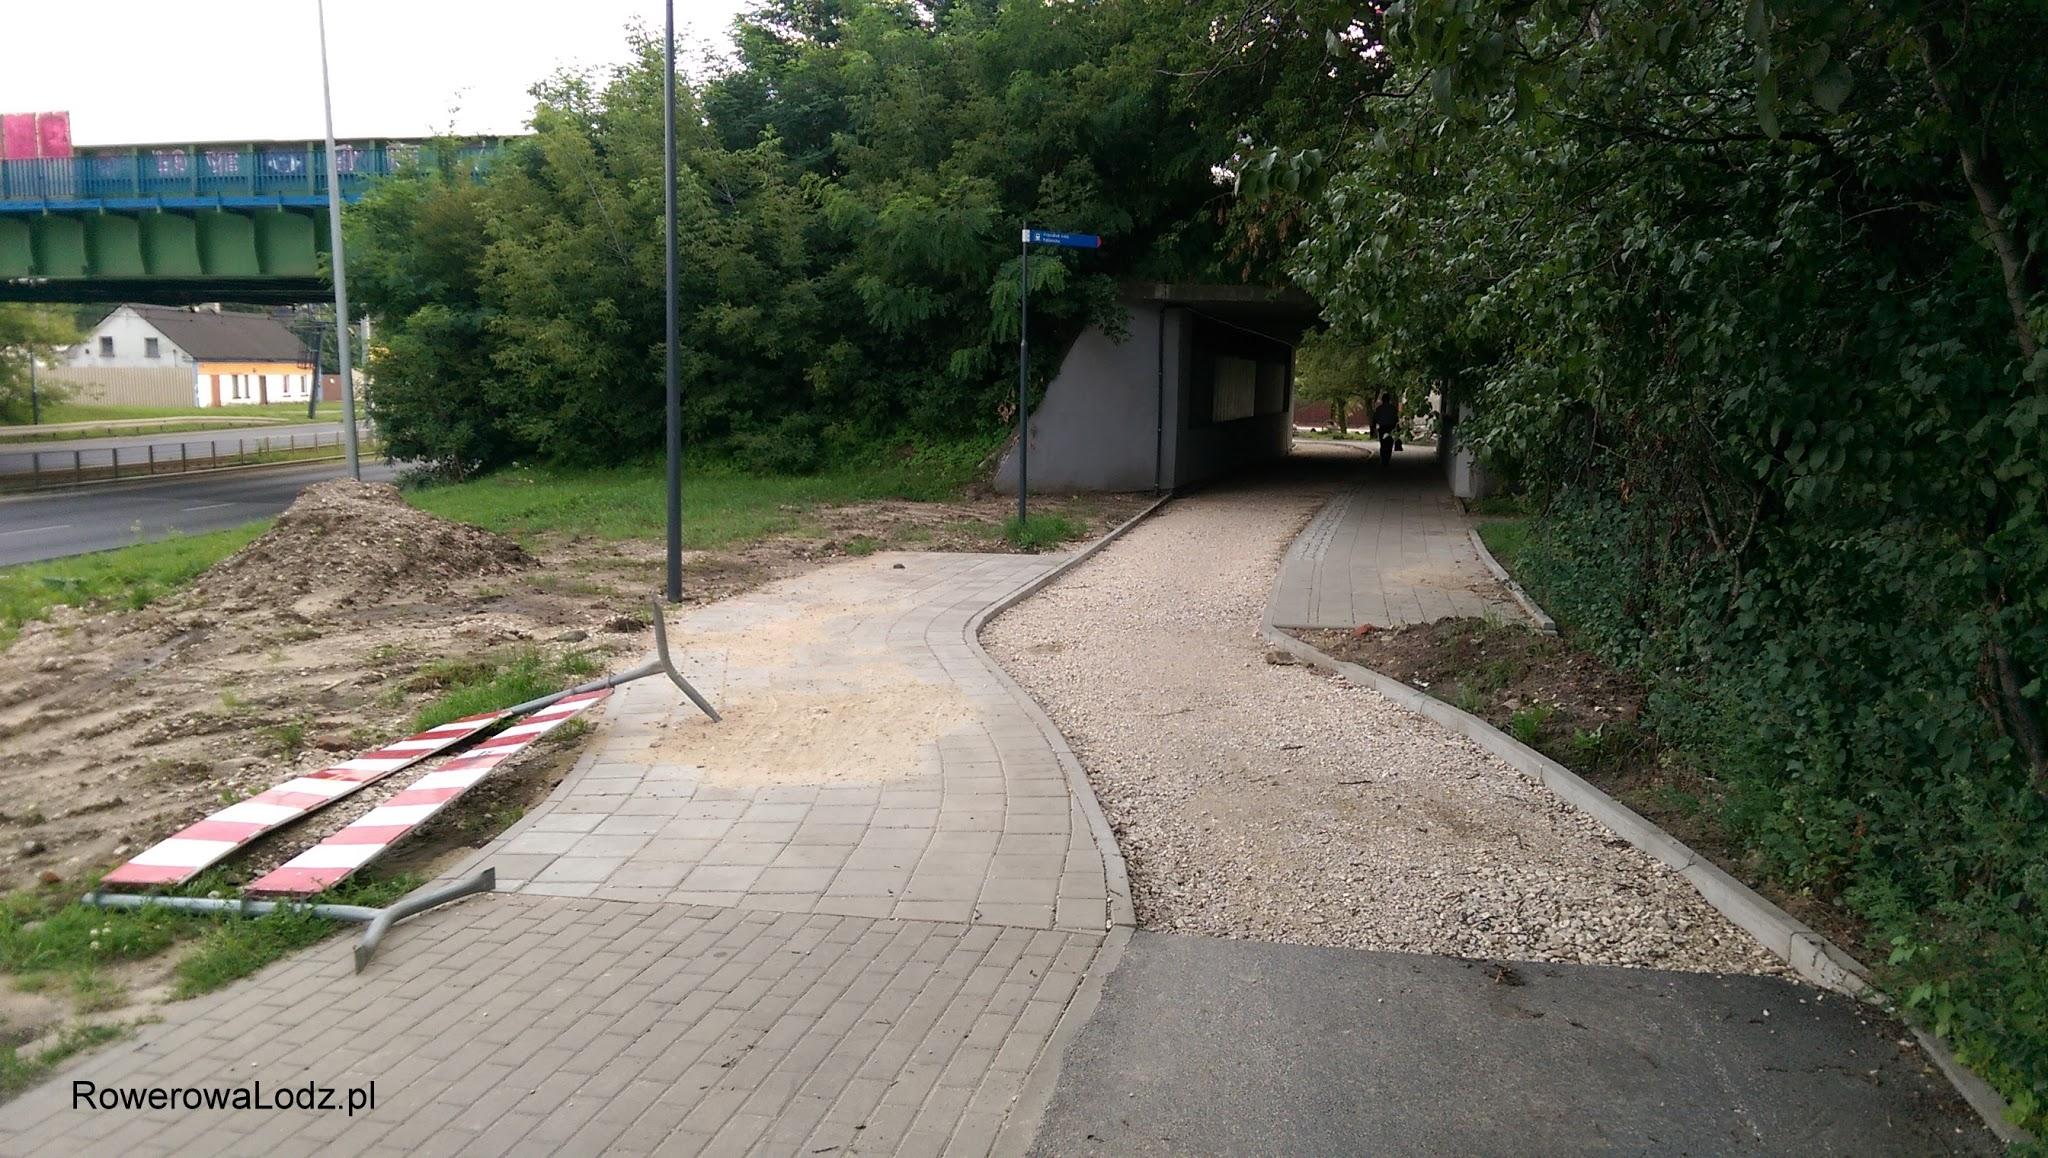 Przy wiadukcie kolejowym i stacji PKP Pabianicka